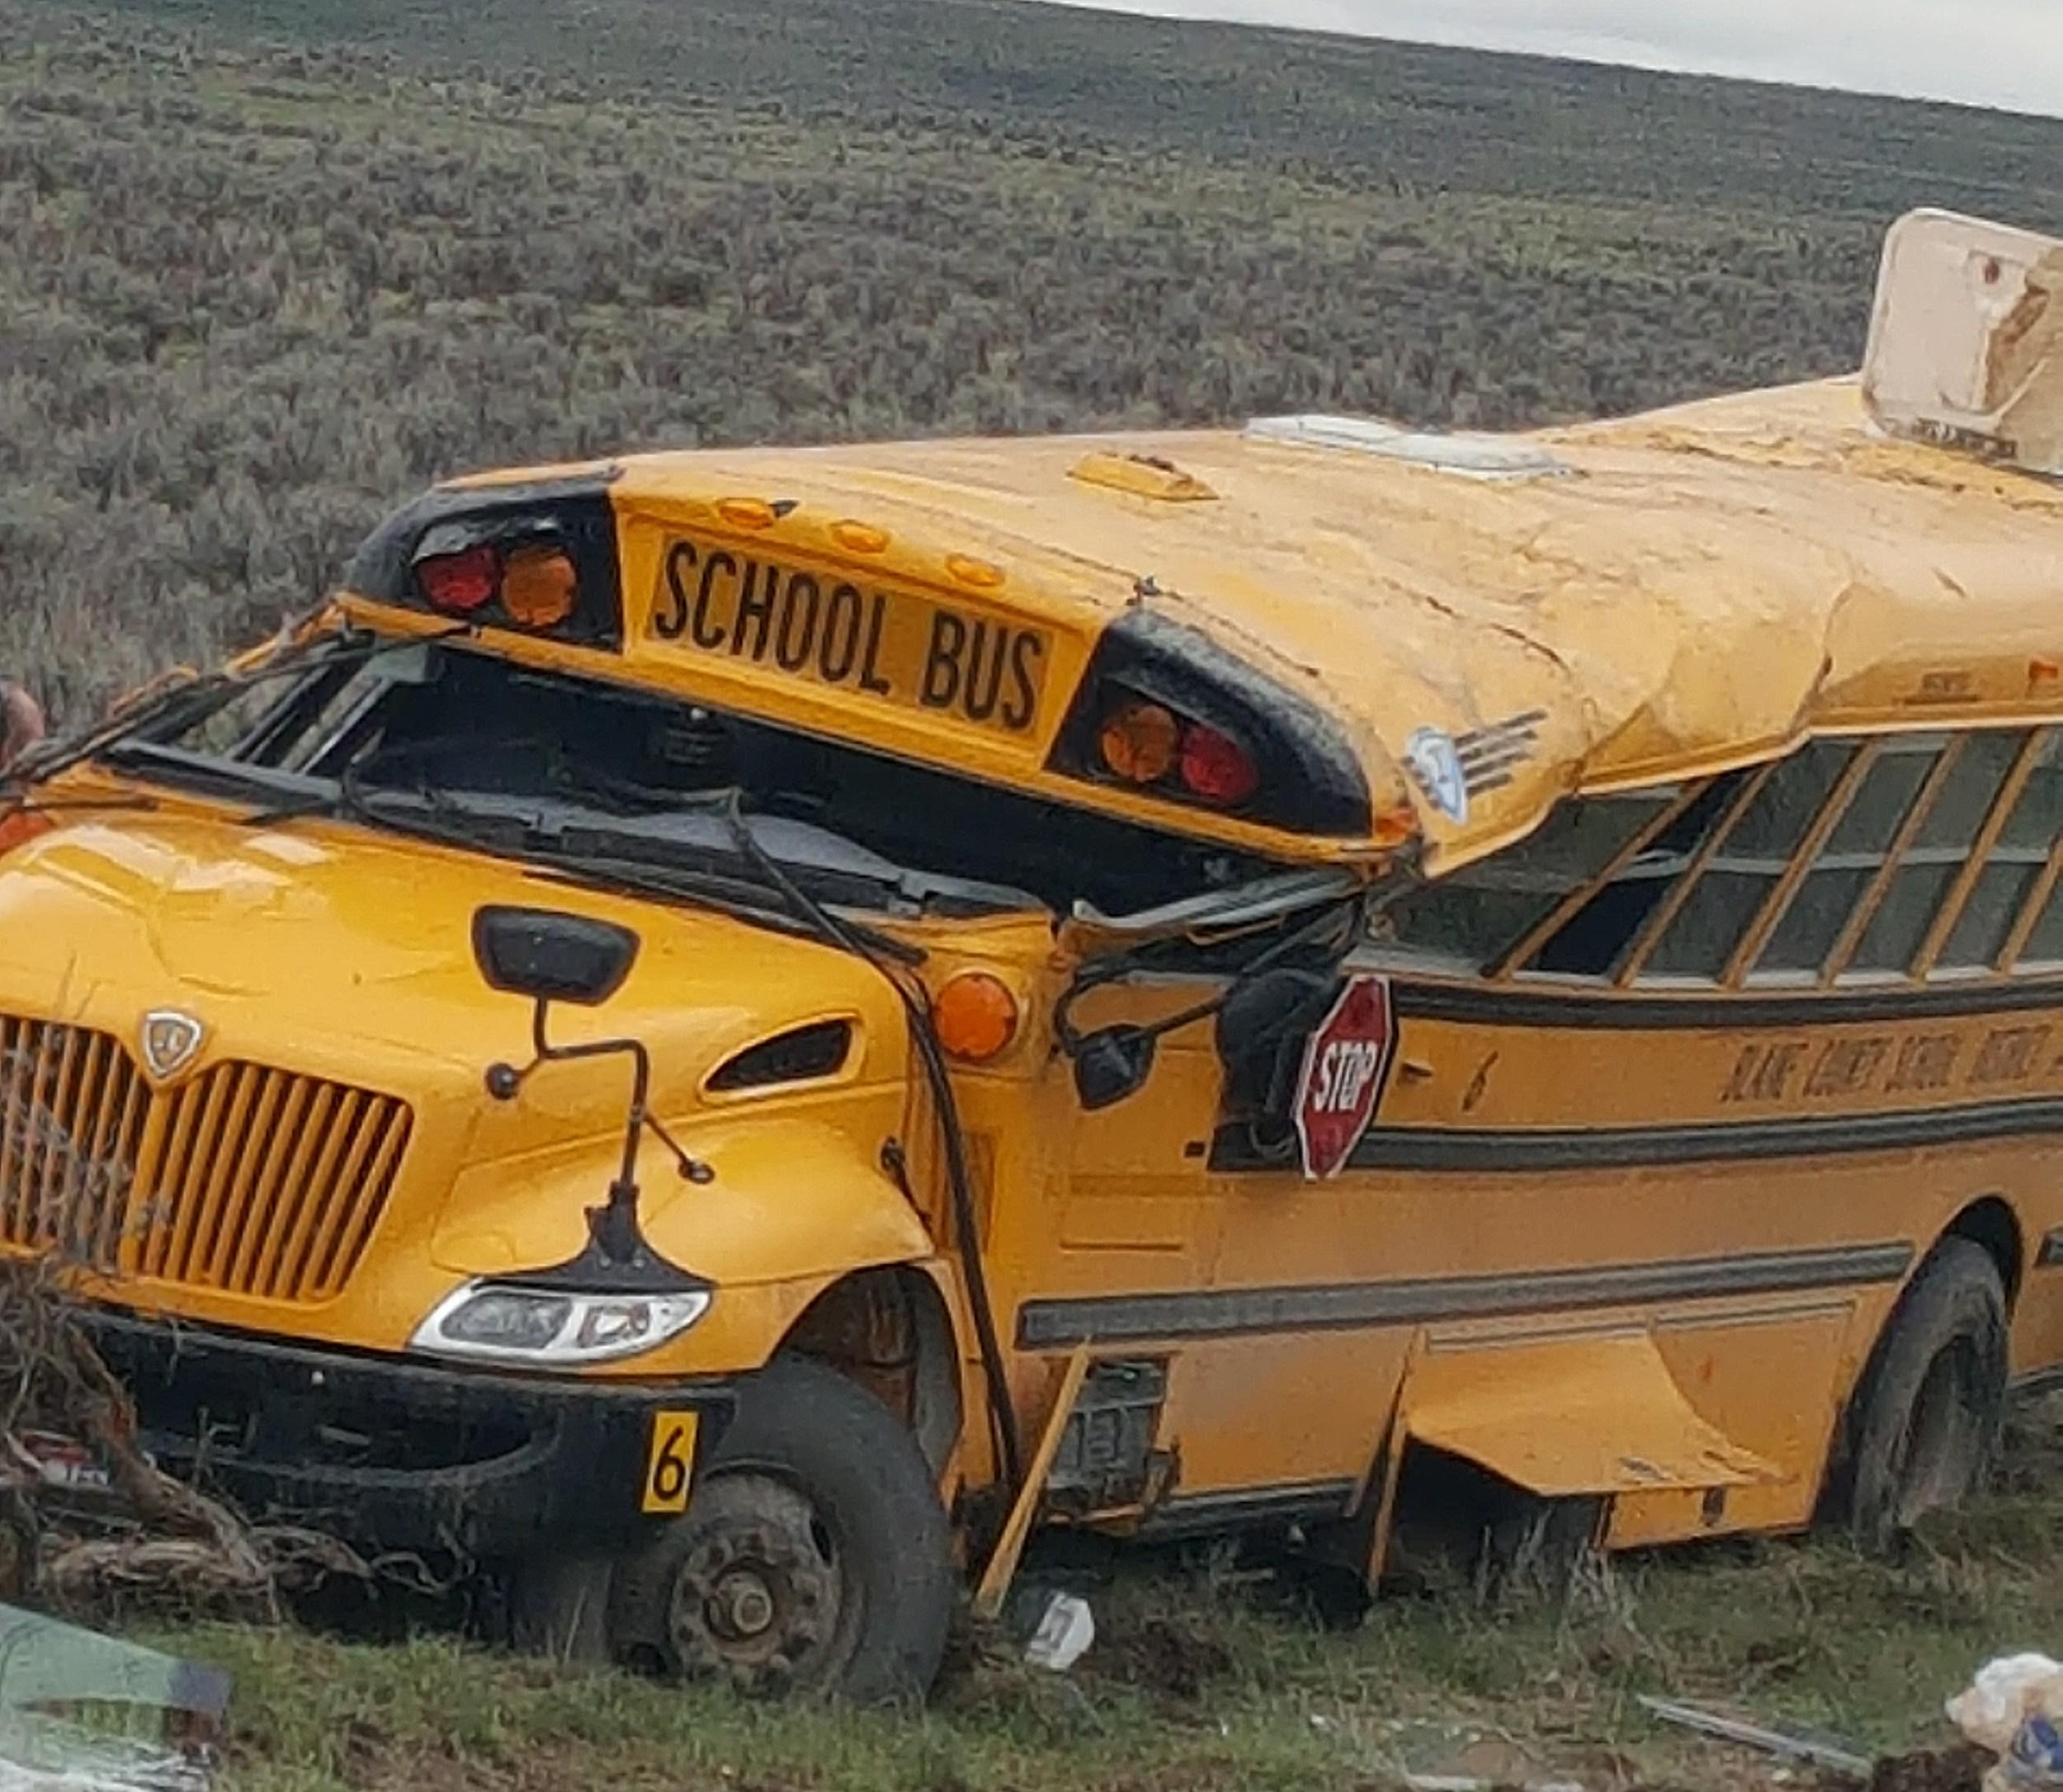 School Bus - News Radio 1310 KLIX